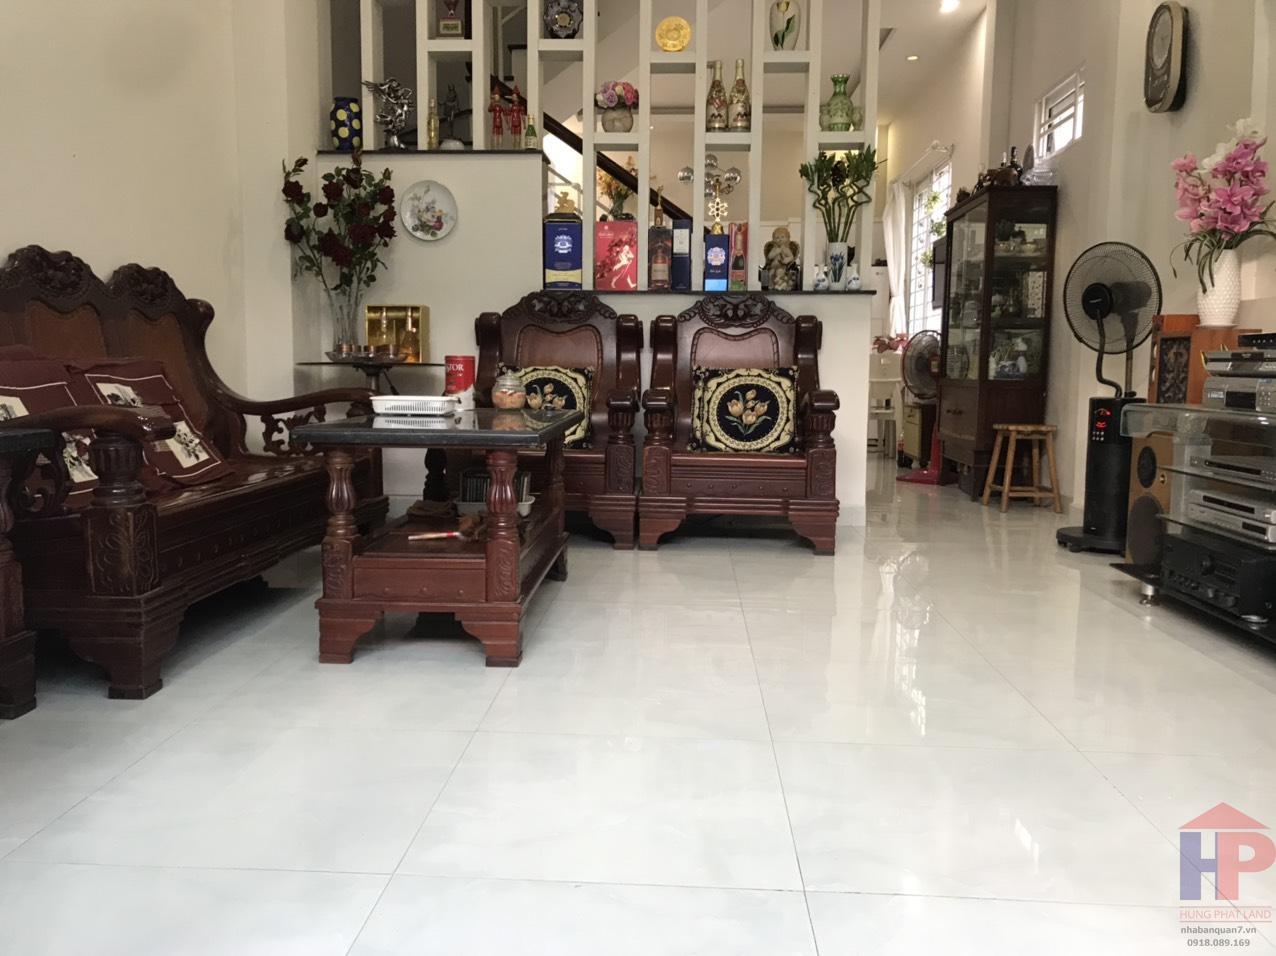 Bán nhà đường Phú Thuận Quận 7, 1 trệt – 2 lầu, DT 4.5x14.5m, giá 6.1 tỷ